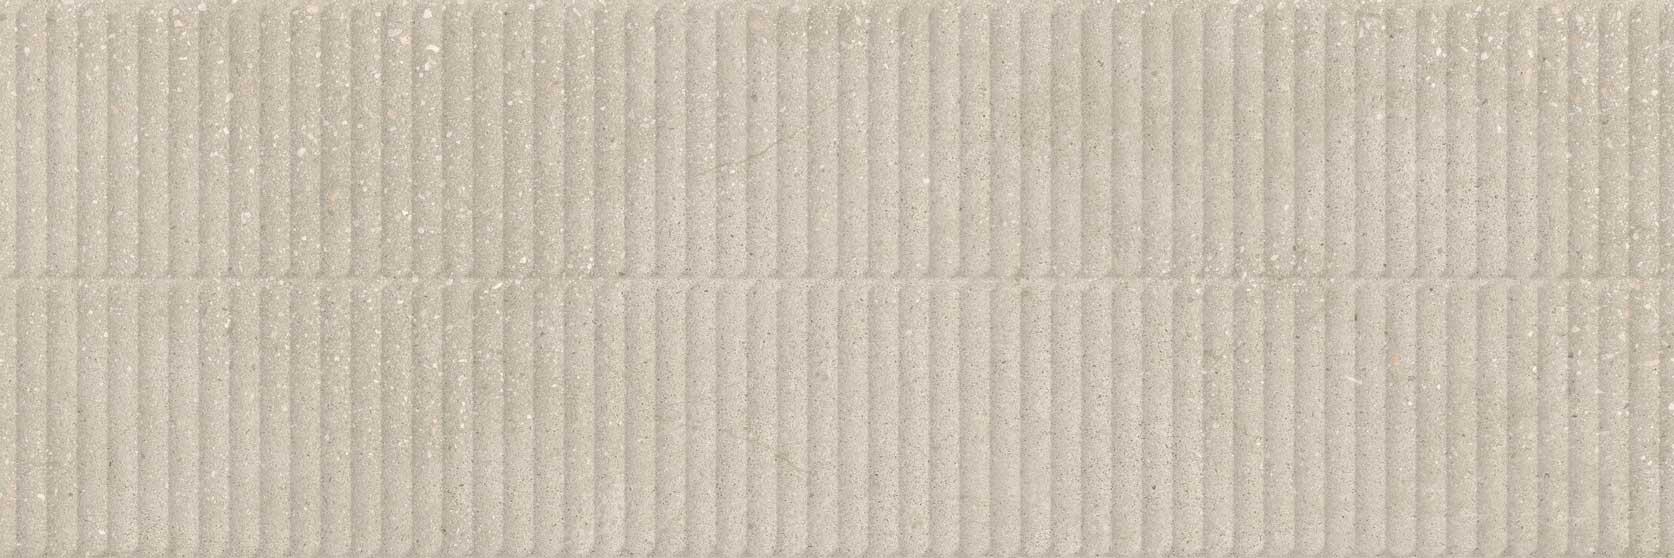 RLV INTEGRA WALL GREIGE 40X120 REC